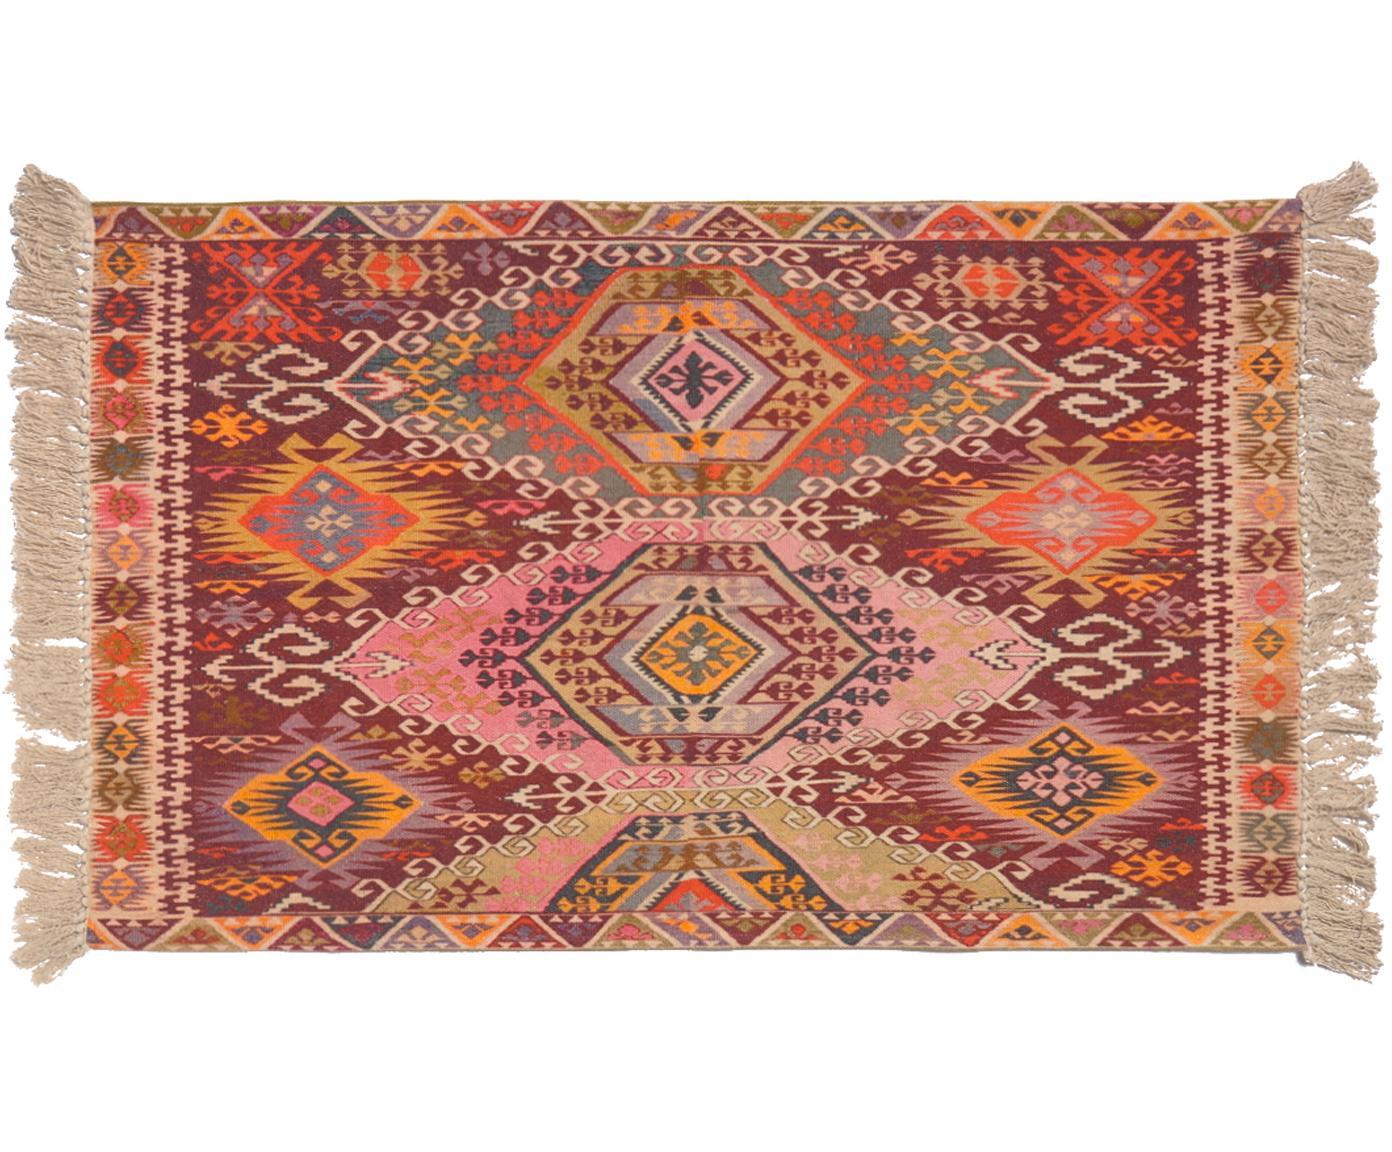 Tappeto etnico con frange Tarso, Cotone, Rosso, rosa, arancione, beige, Larg. 60 x Lung. 90 cm (taglia XXS)